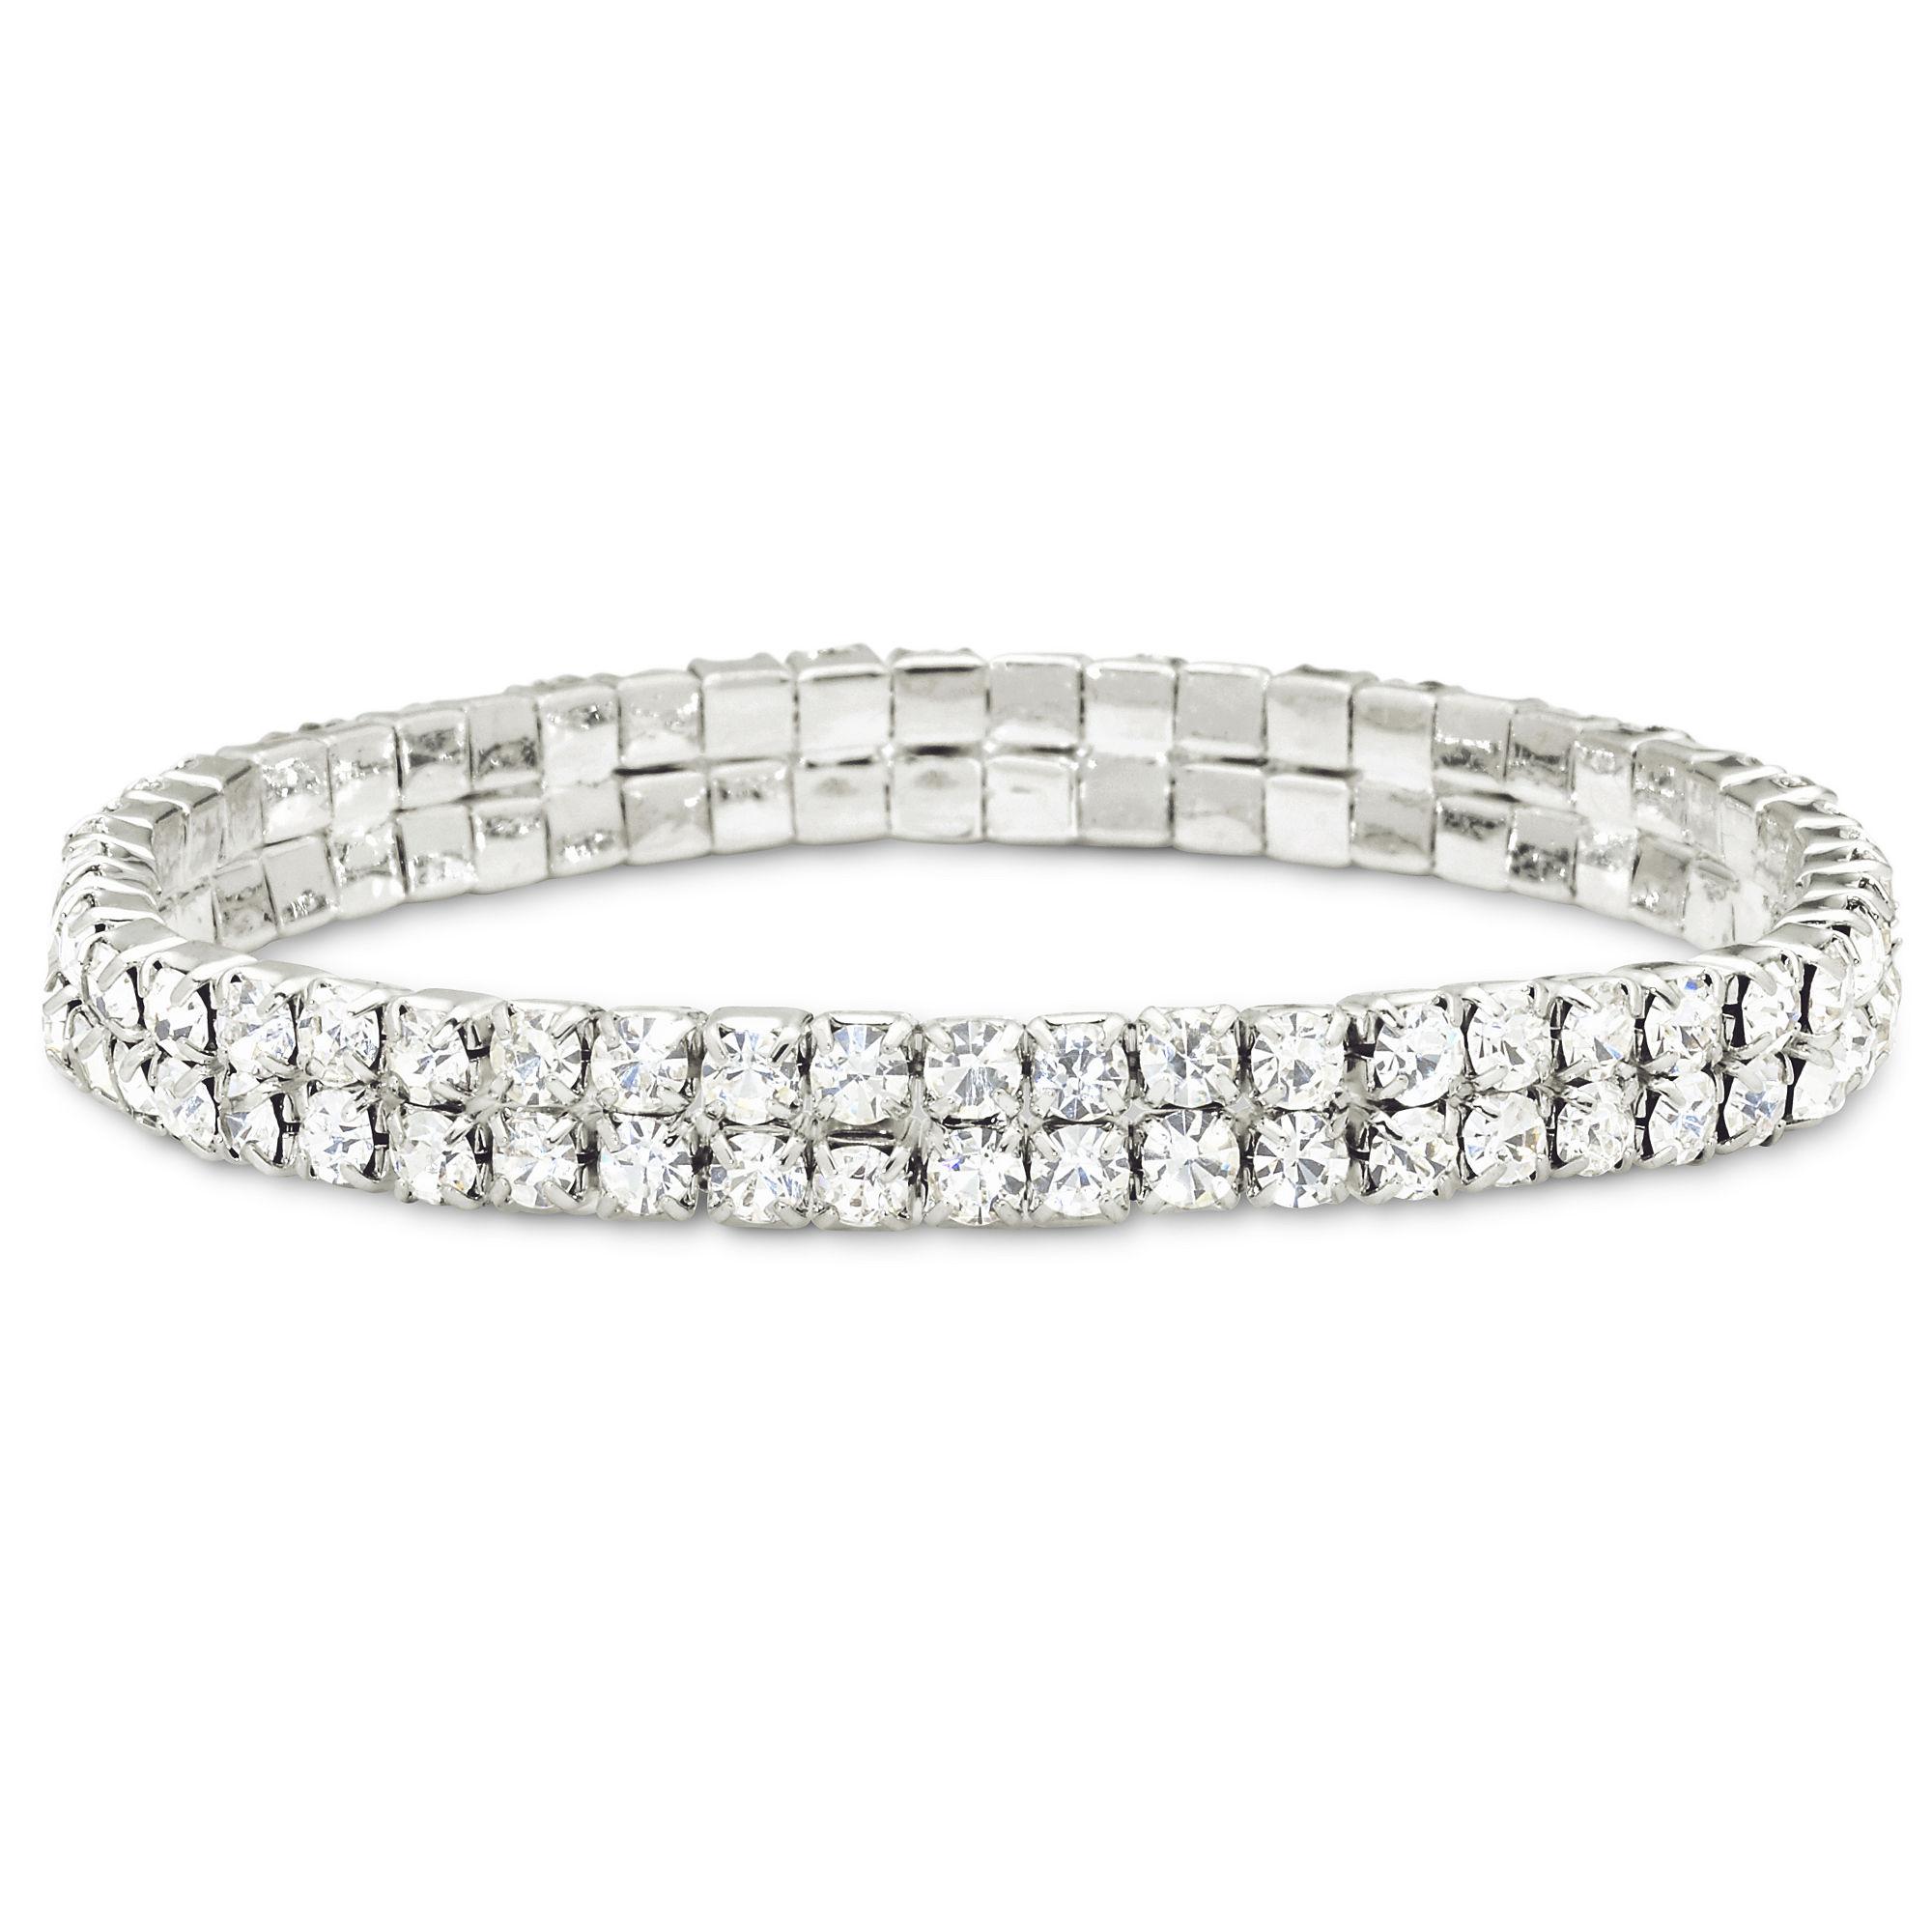 Vieste Crystal Stretch Bracelet